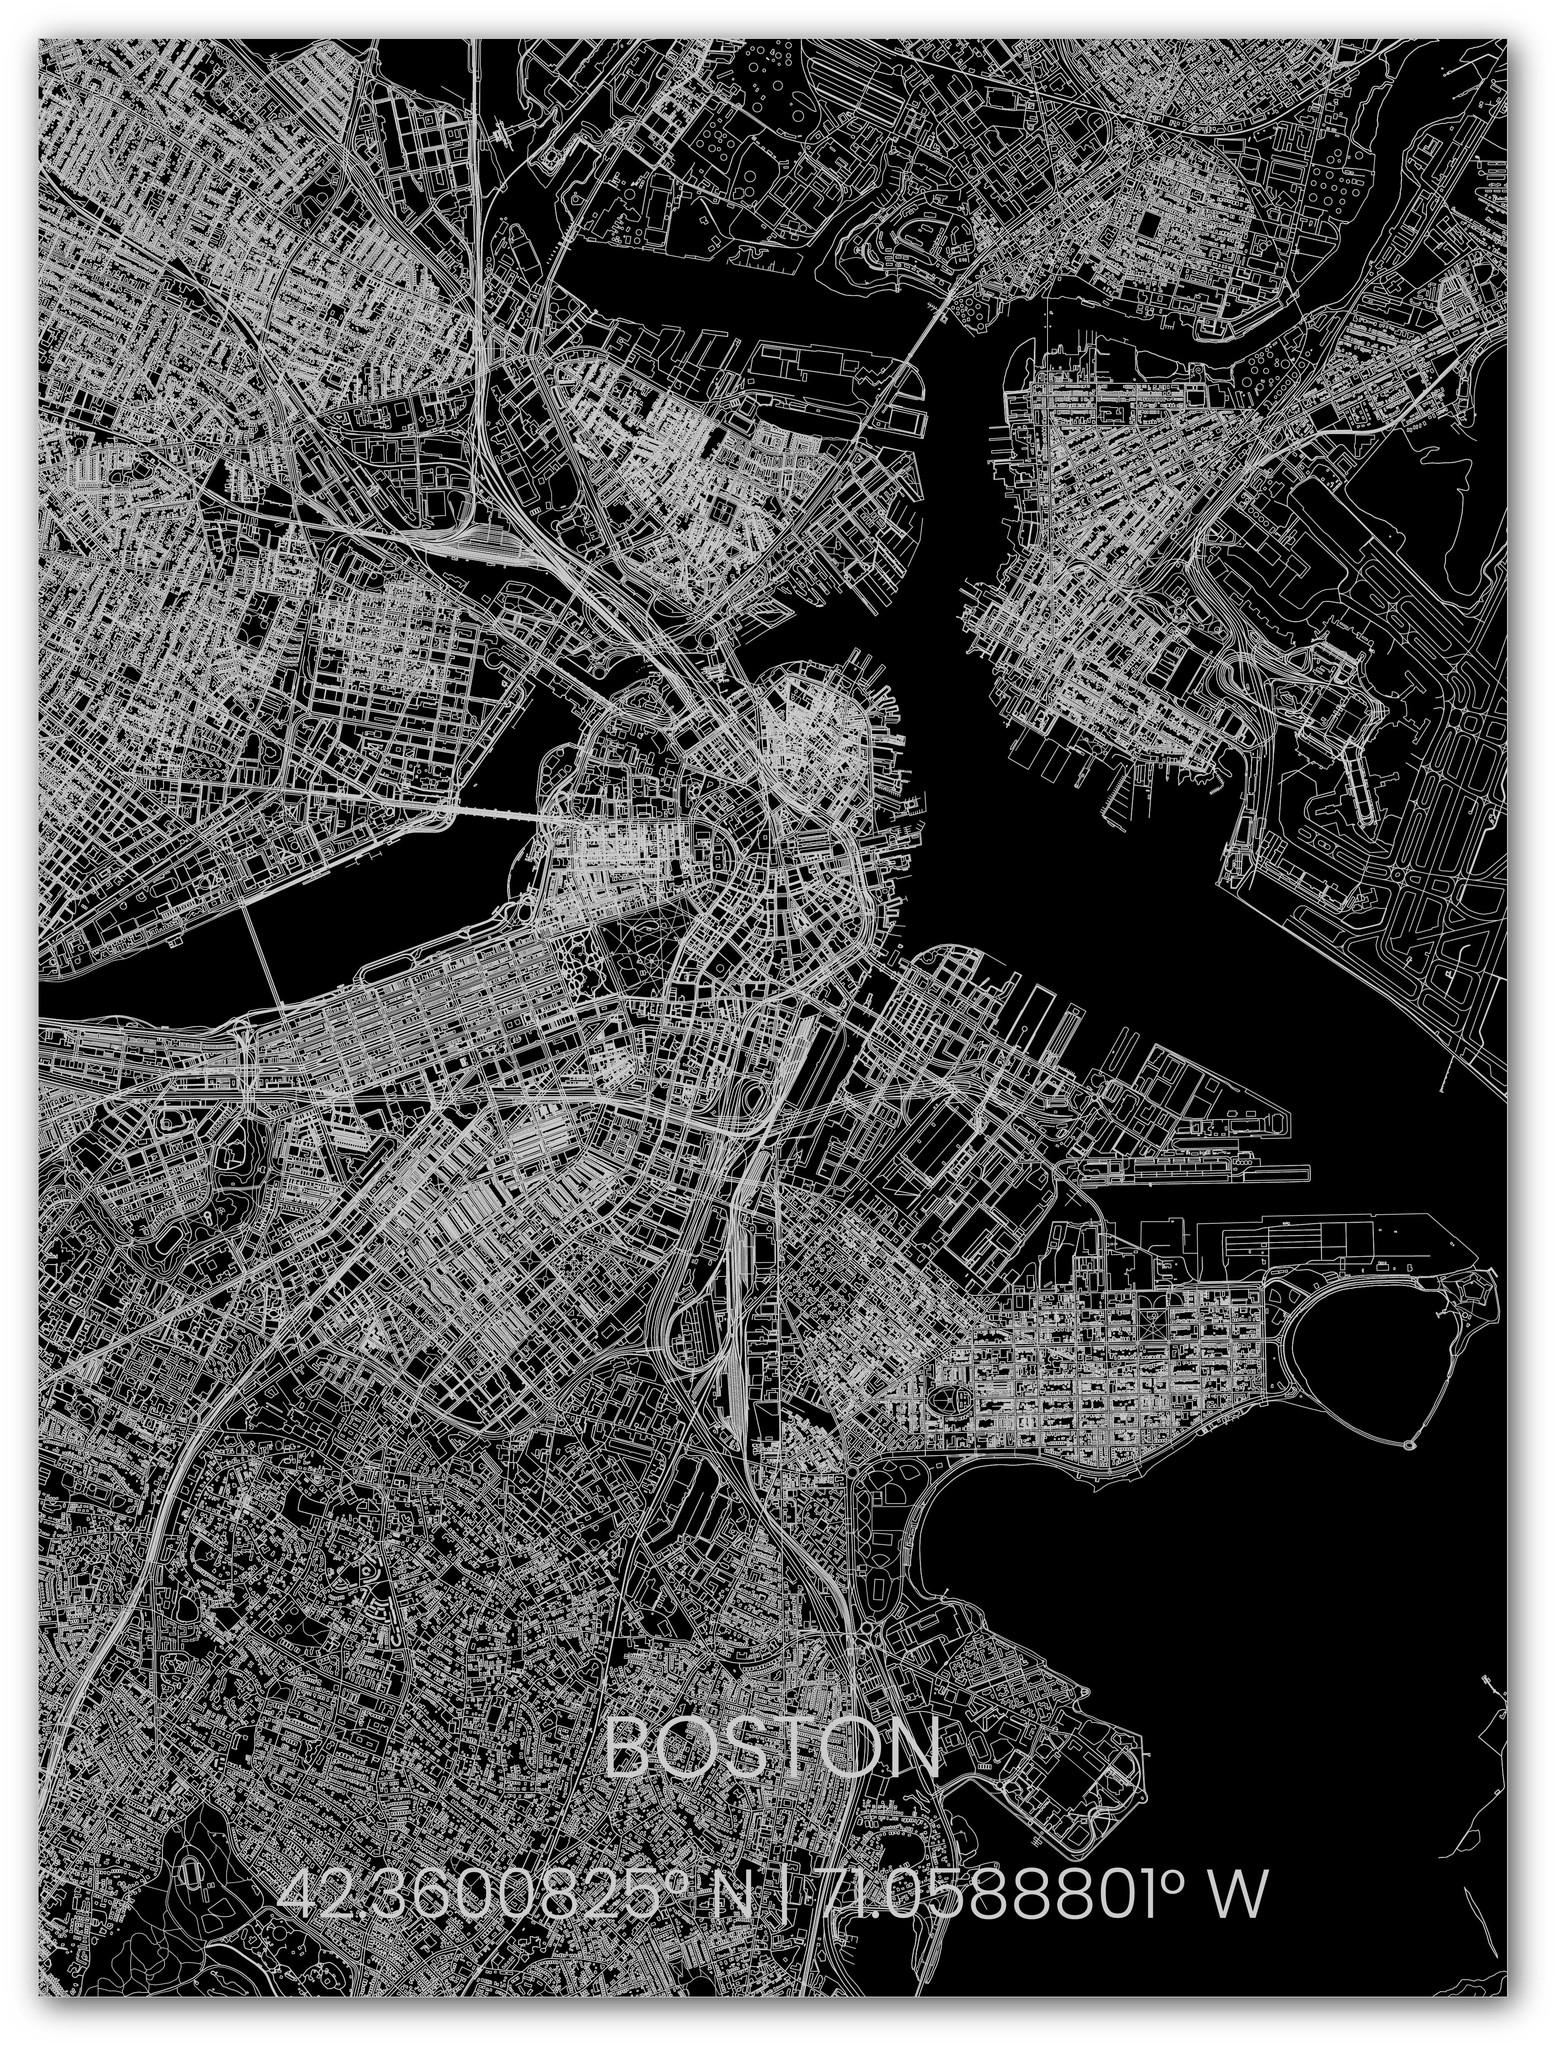 Metalen stadsplattegrond Boston-1